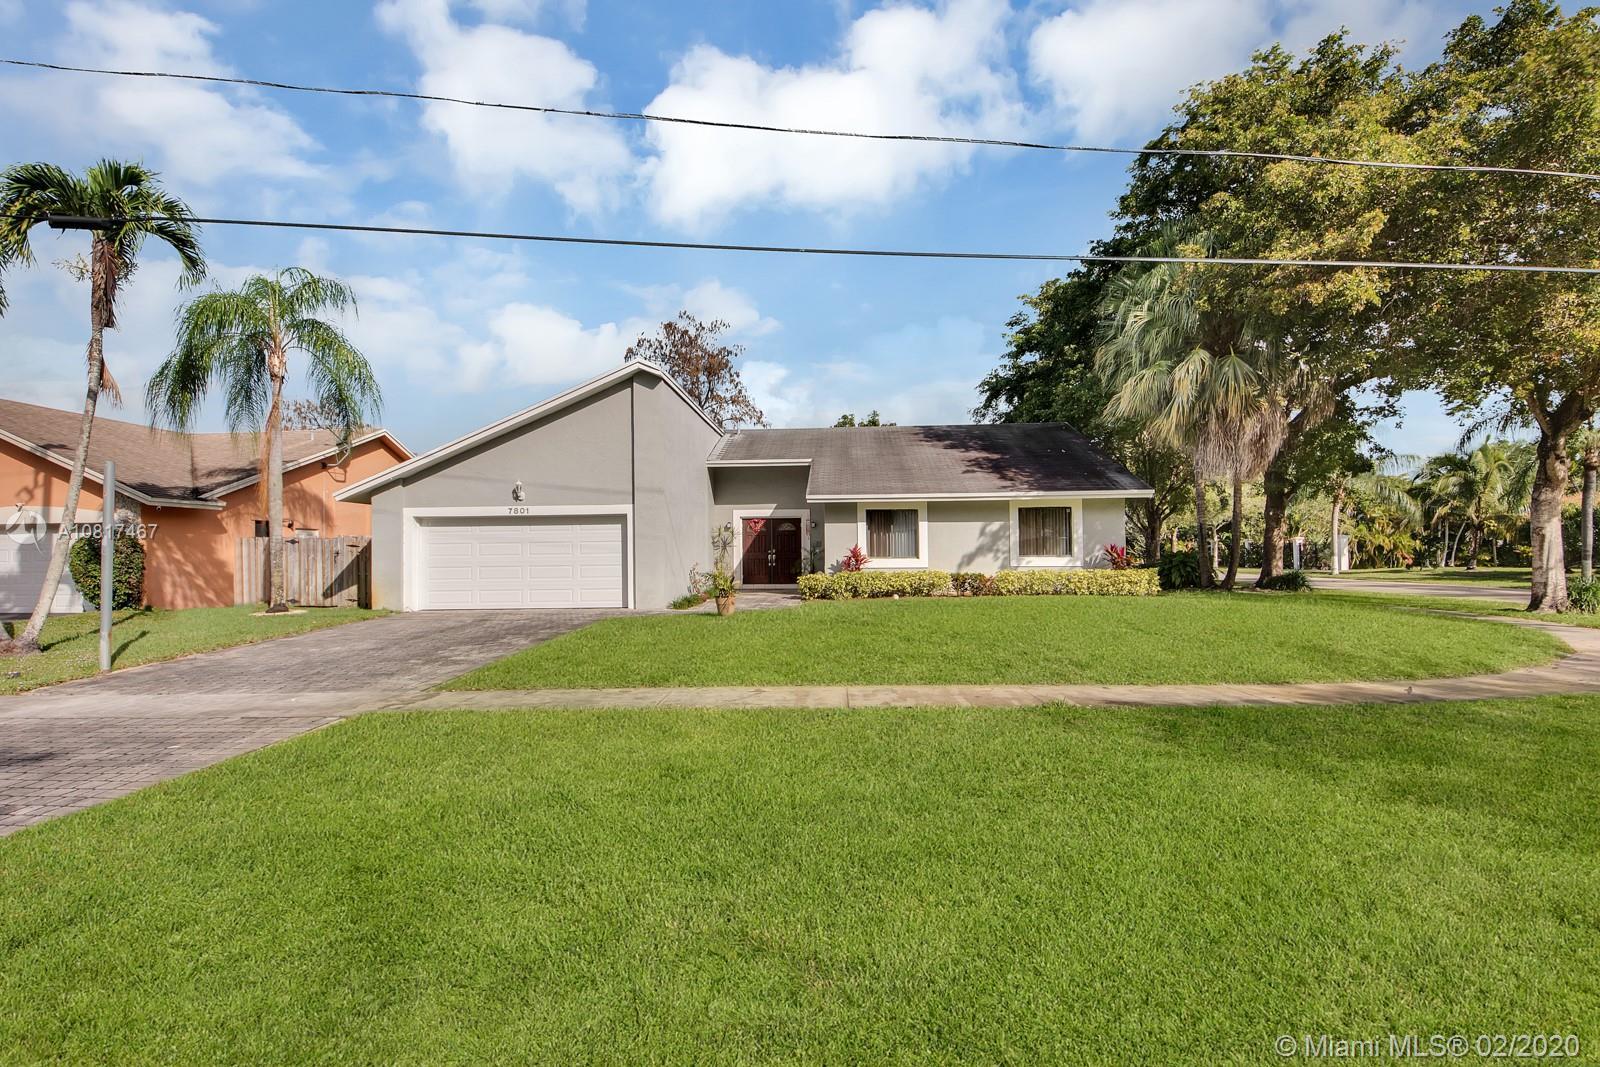 7801 NW 53rd St, Lauderhill, FL 33351